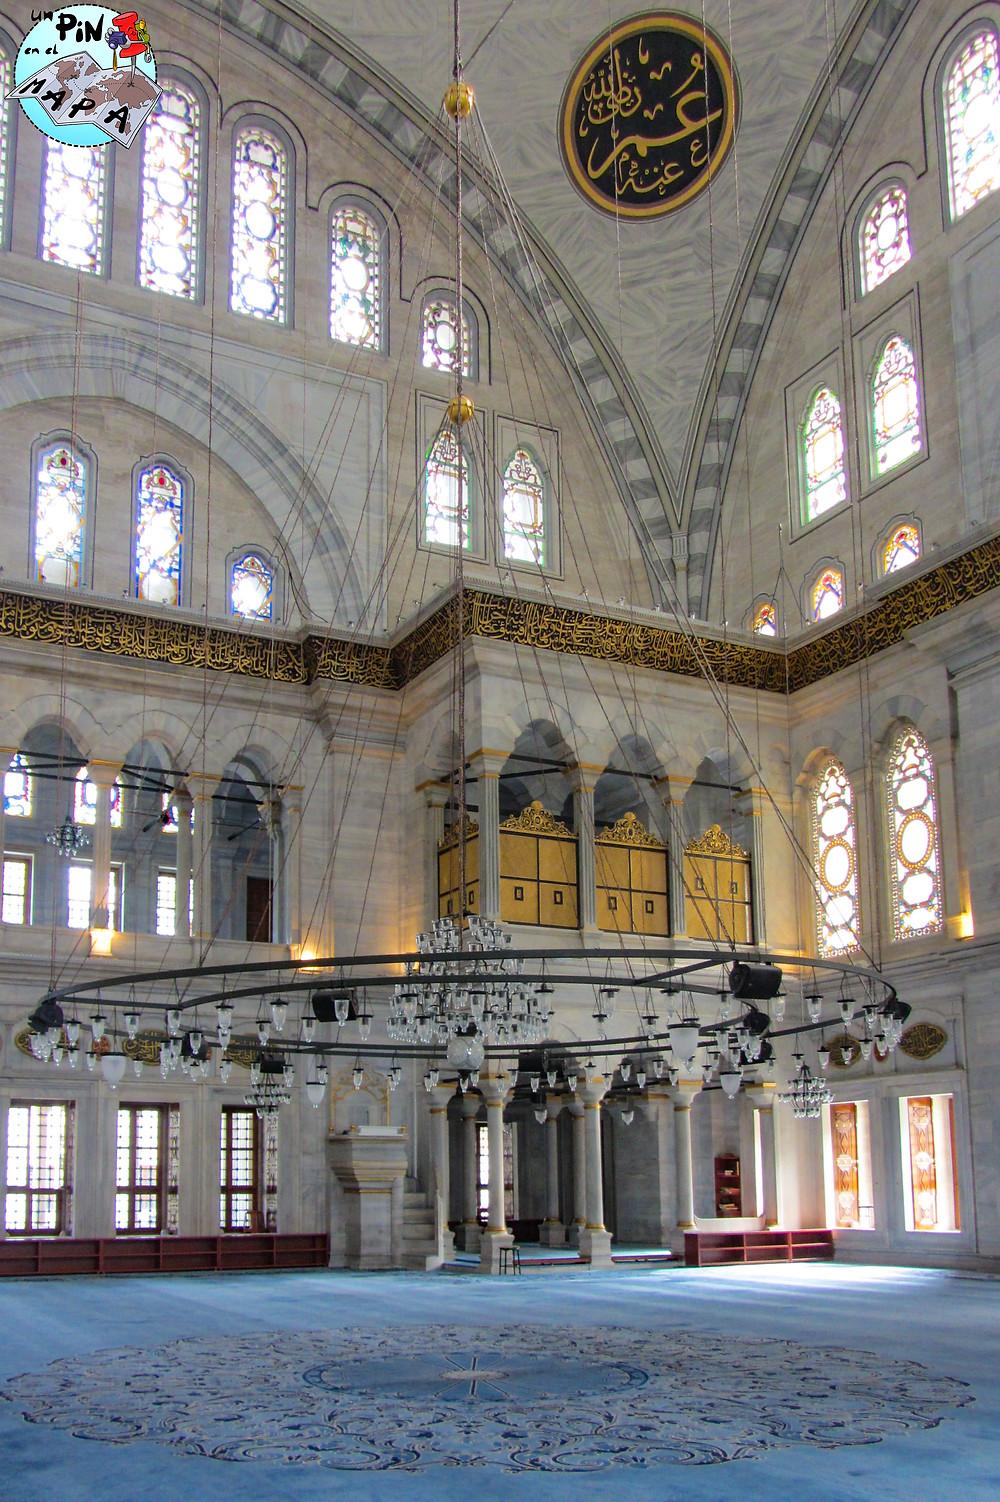 Mezquita de Nuruosmaniye, Estambul | Un Pin en el Mapa